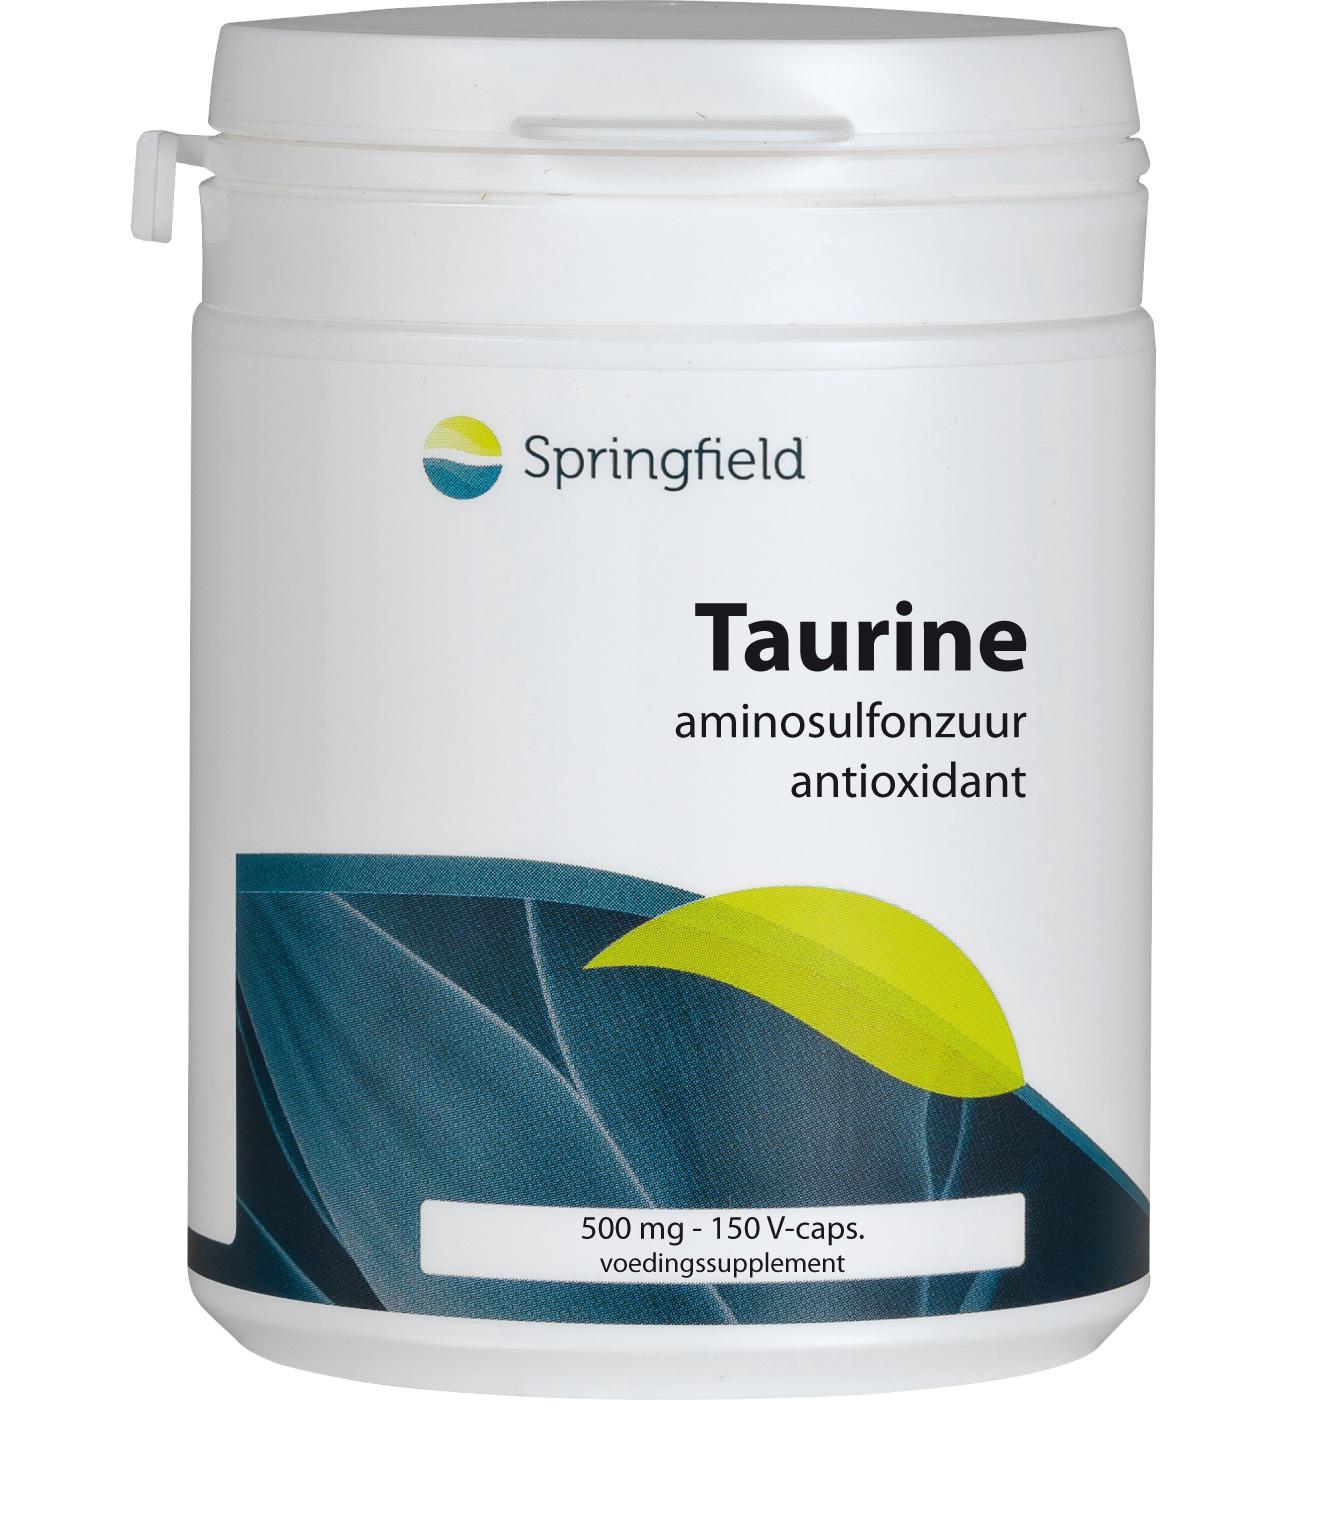 Taurine gesynthetiseerd uit cysteïne en methionine